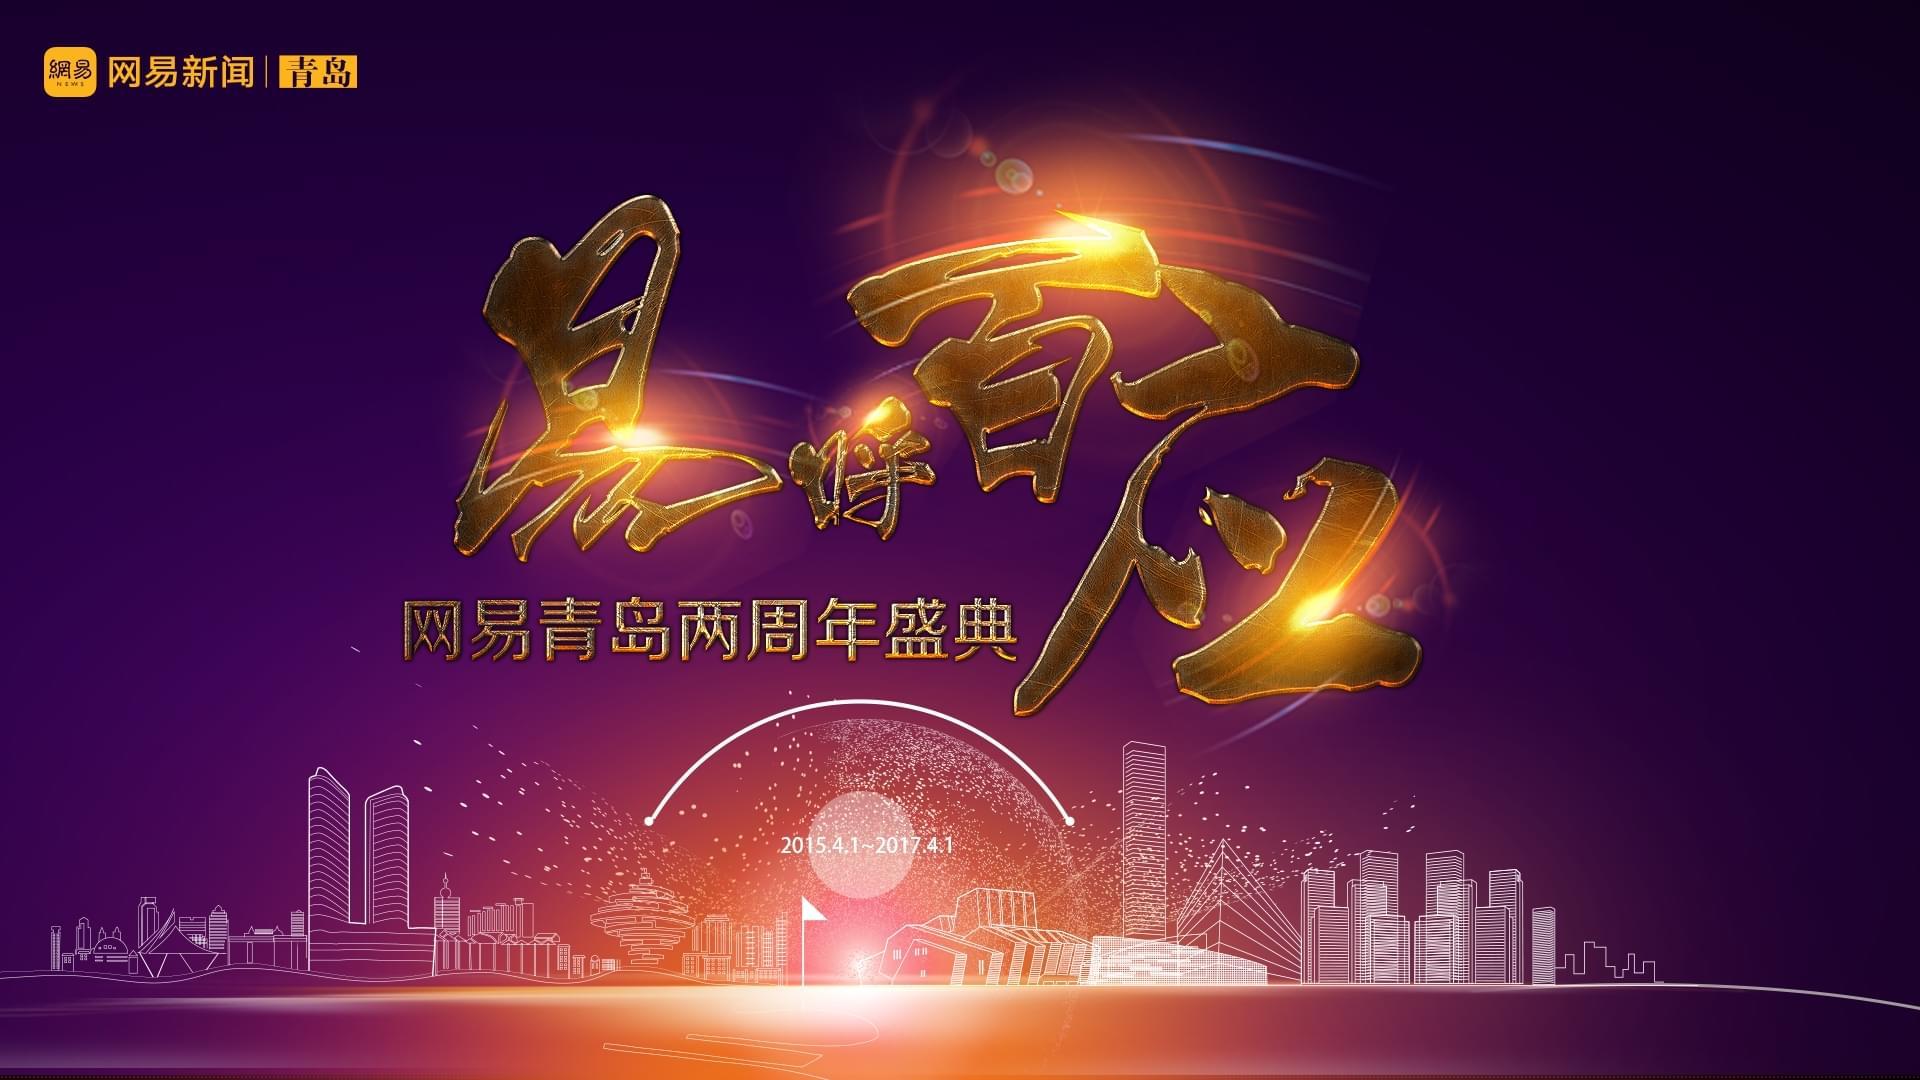 网易青岛两周年盛典